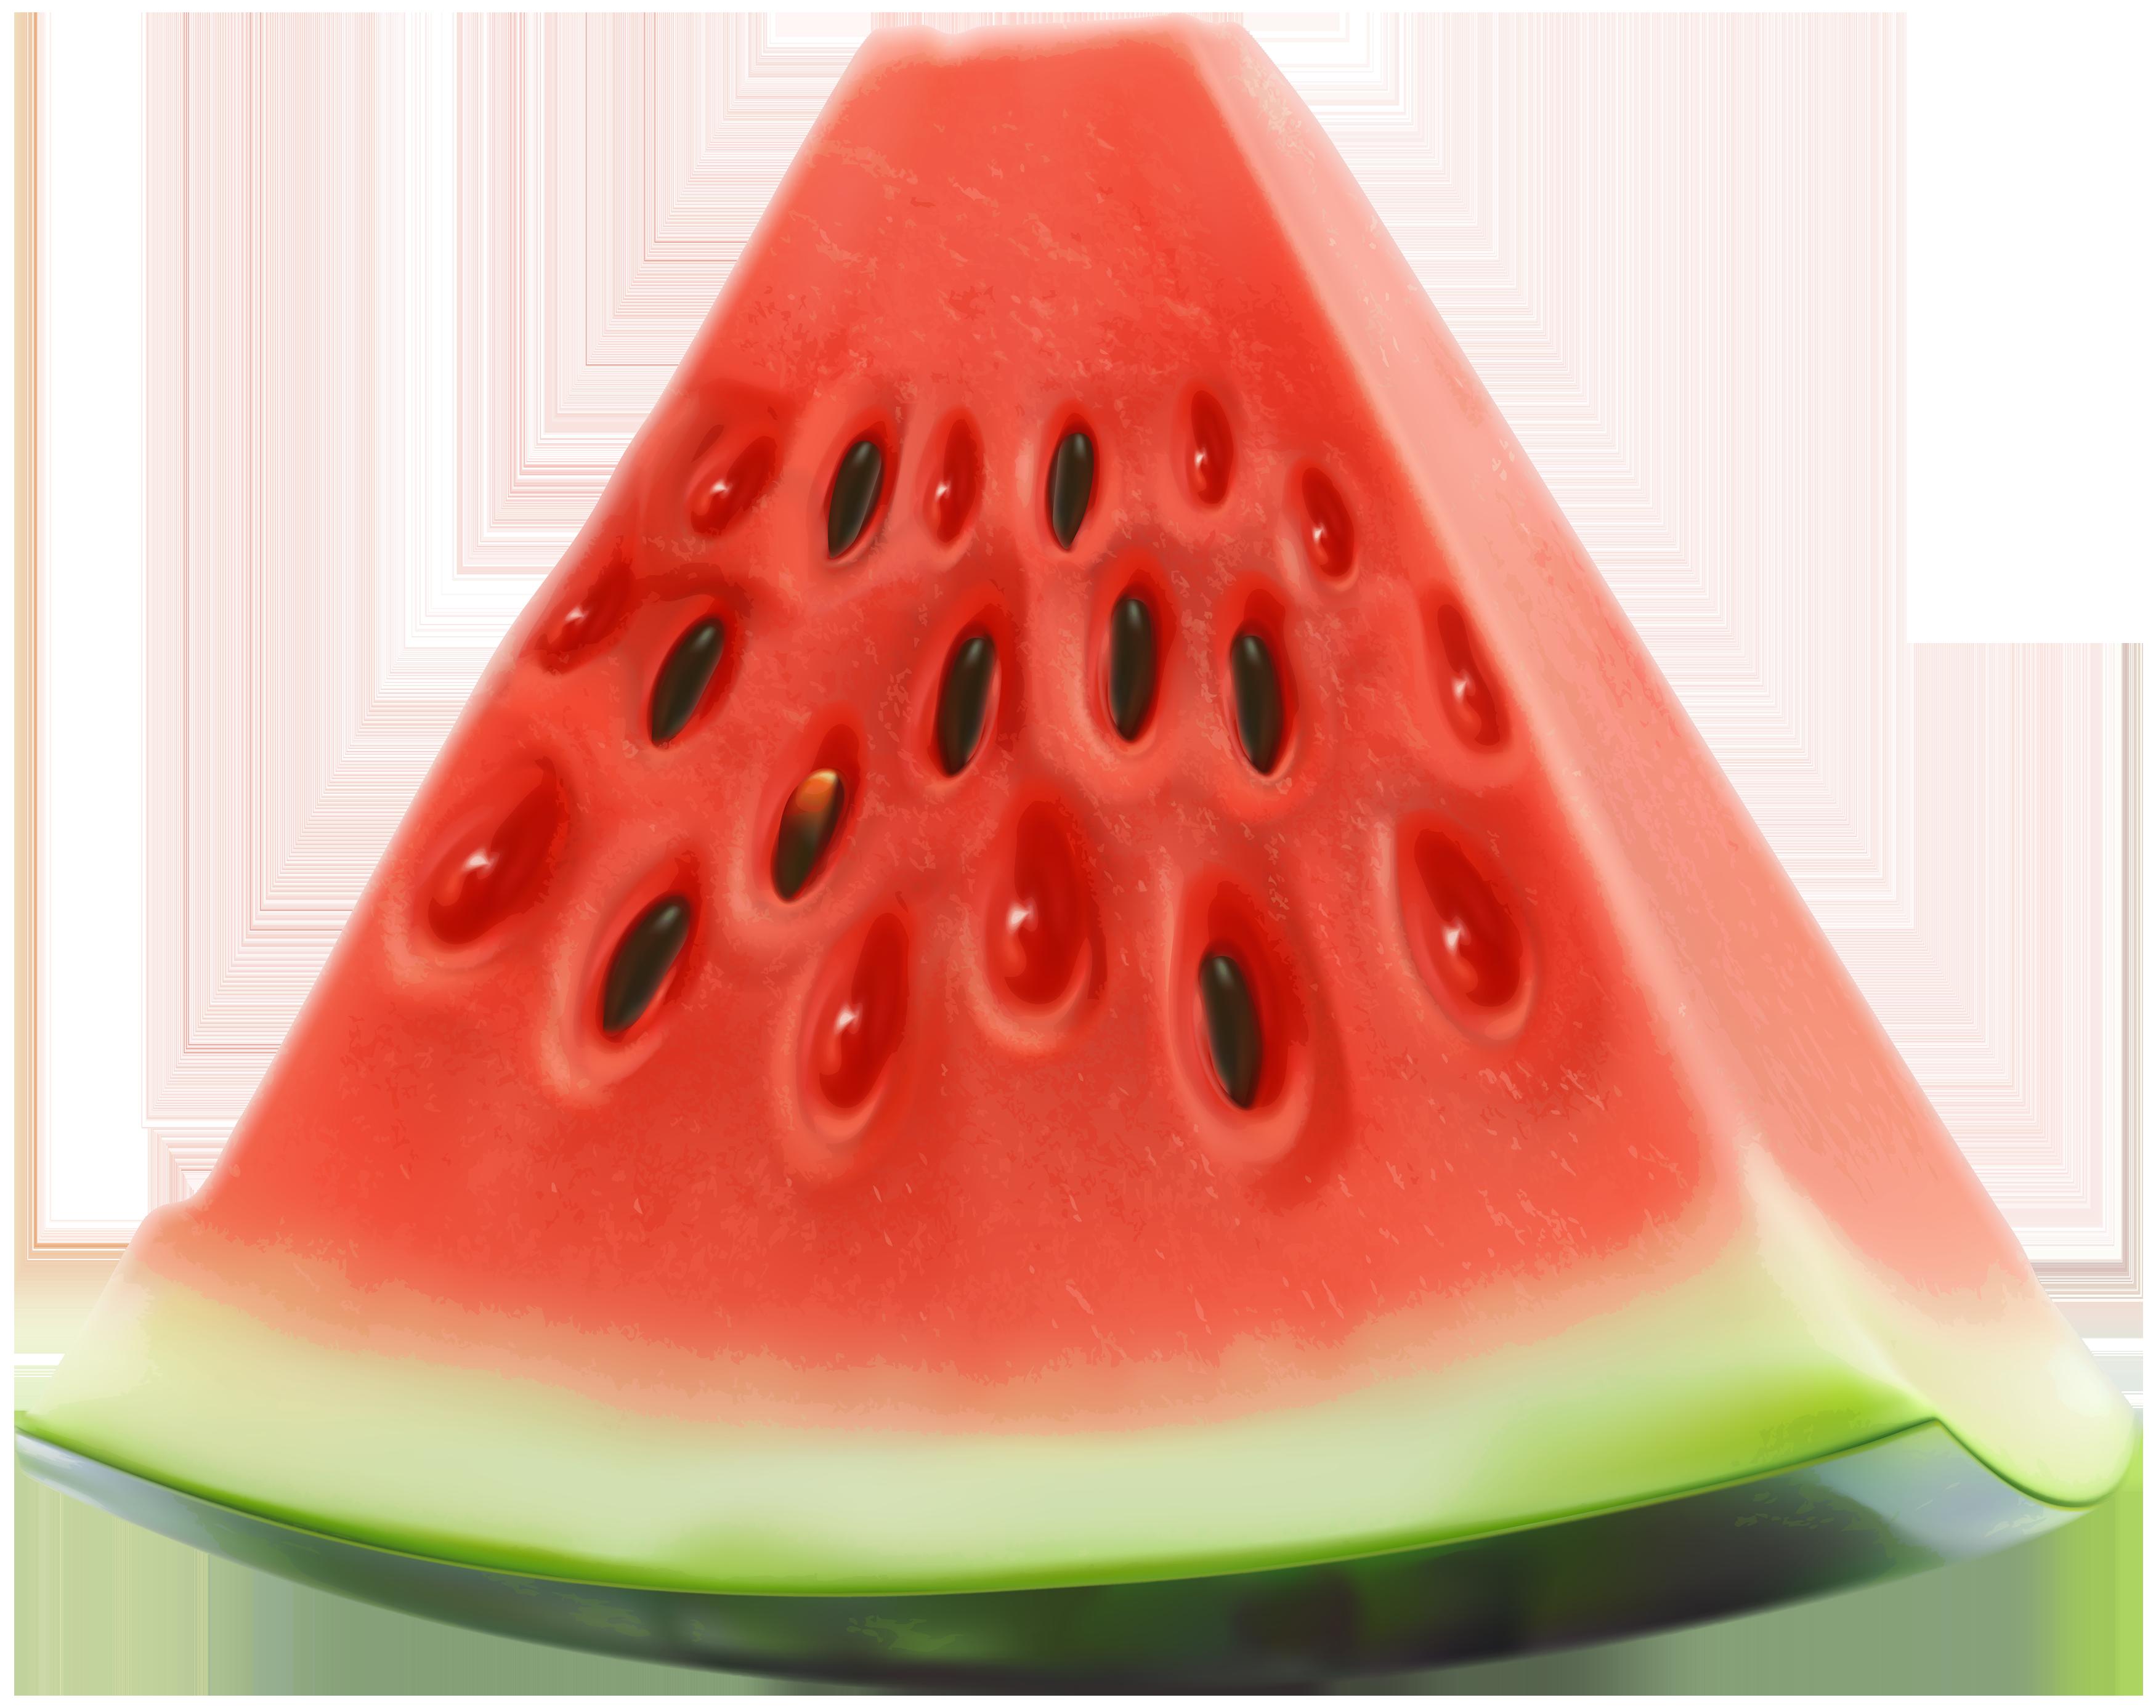 Watermelon clipart orange. Clip art melon png